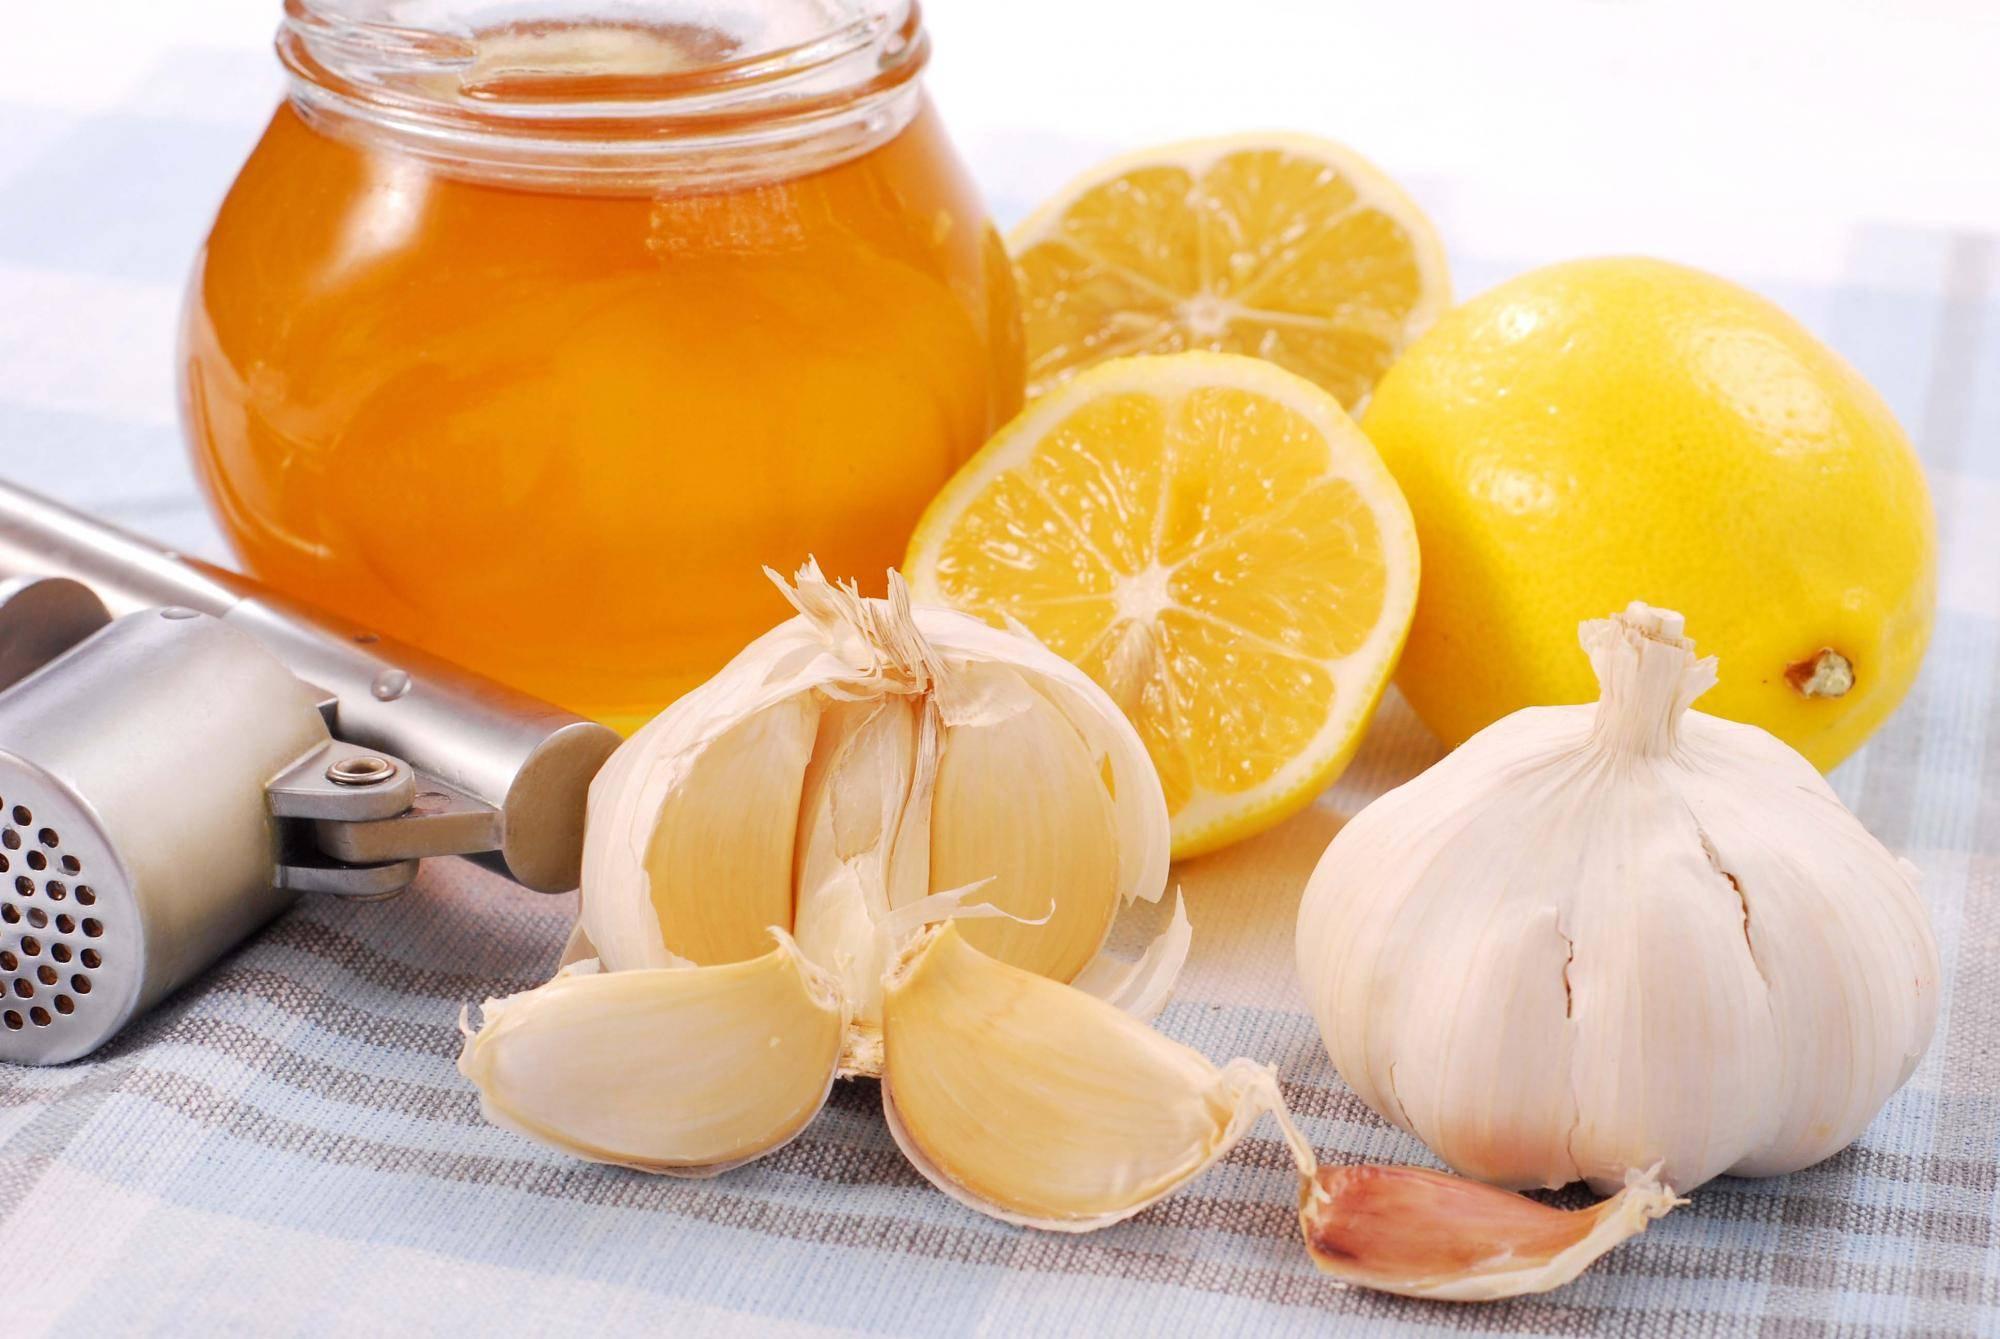 Лучшие рецепты для лечения простуды на основе водки